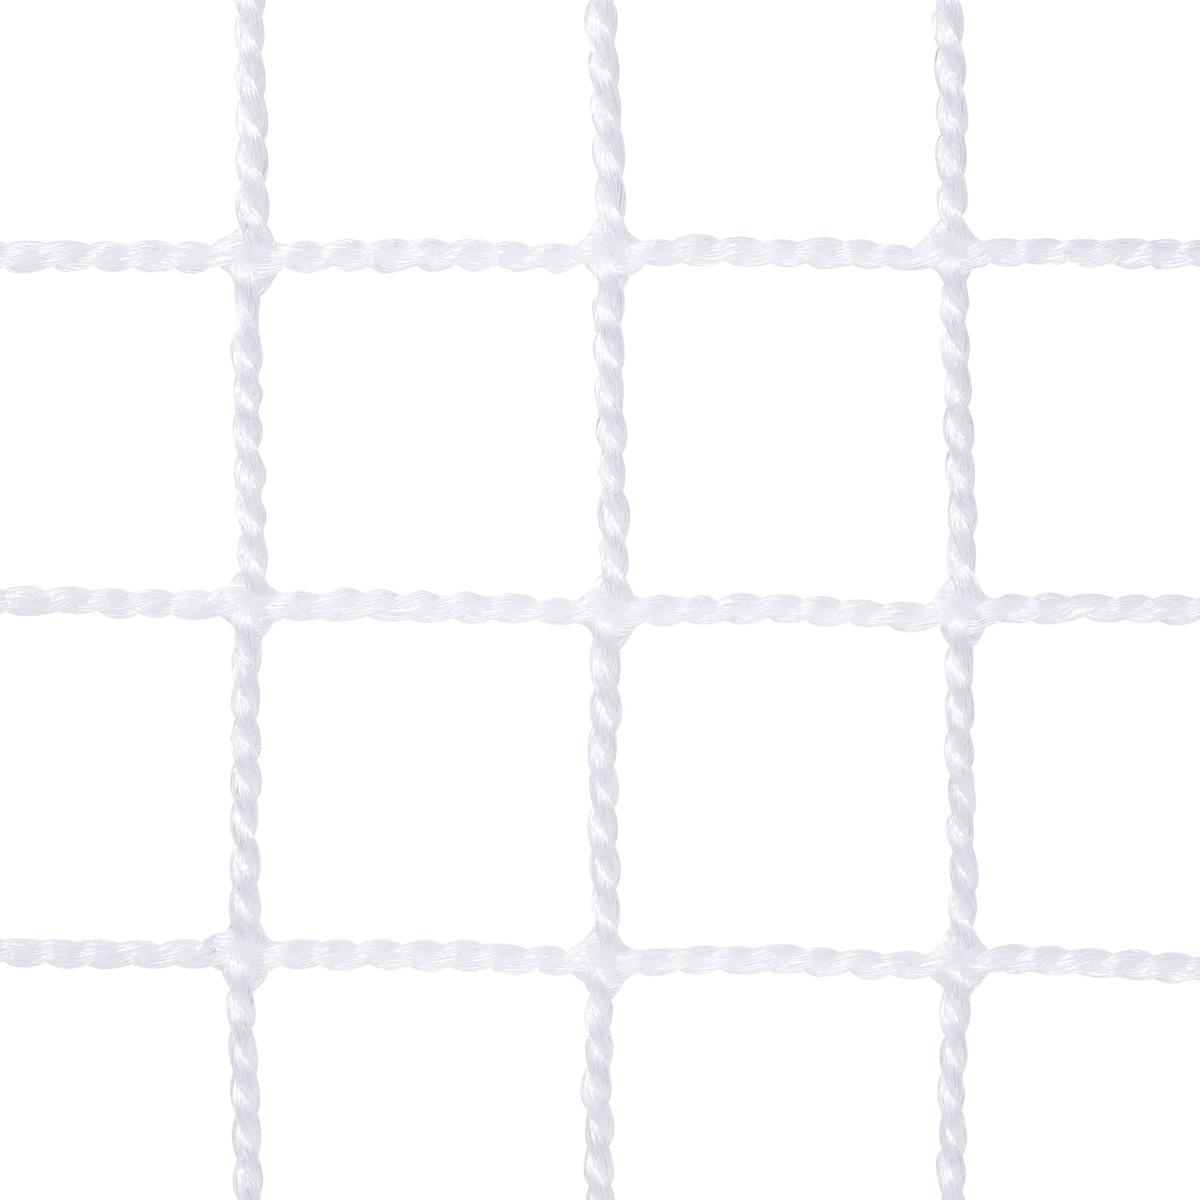 〈ヨリ線ネット25〉目合い:25mm カラー:ホワイト